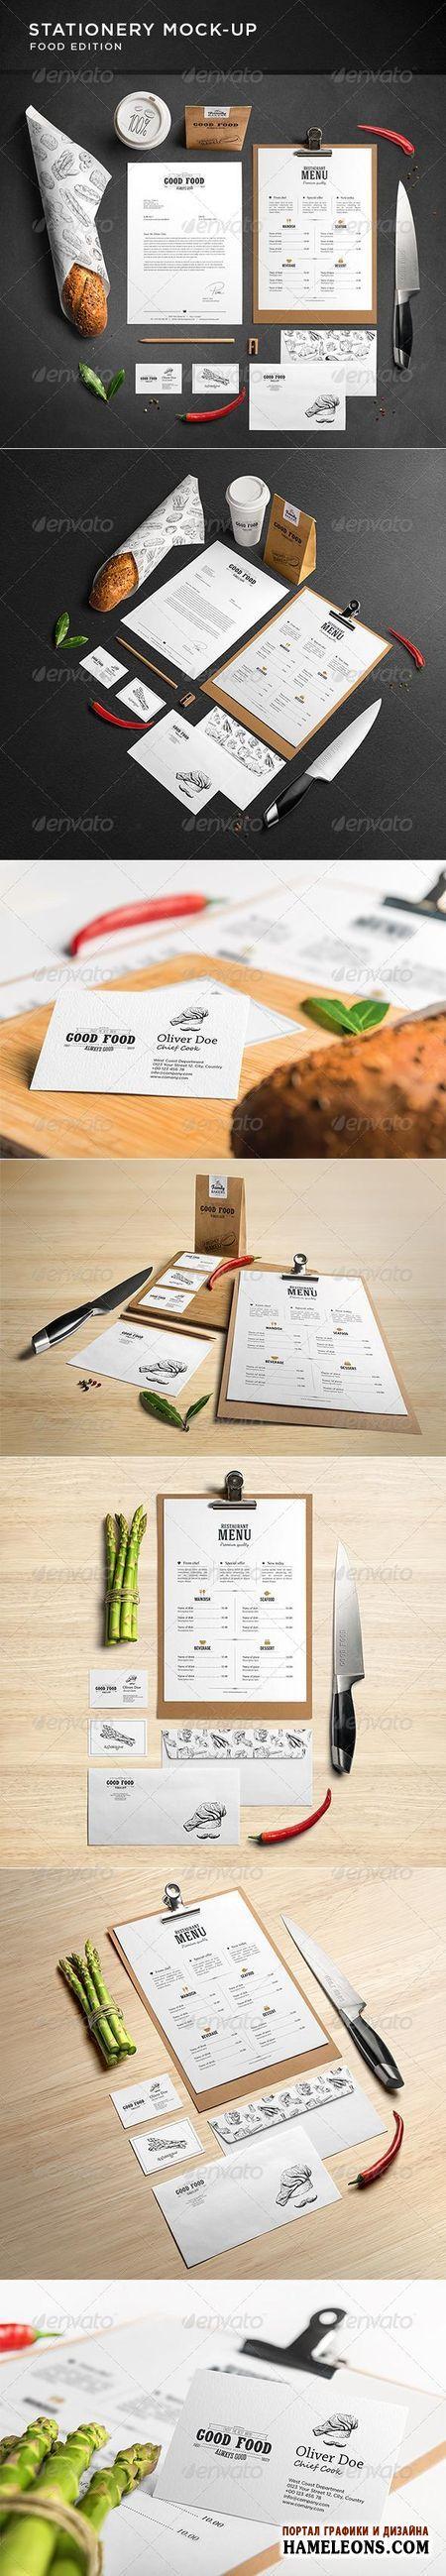 Фирменный стиль шеф-повара, ресторана - меню, визитка, карточка, конверт, кухонный нож - исходники для Фотошоп | Stationery / Branding Mock-Up